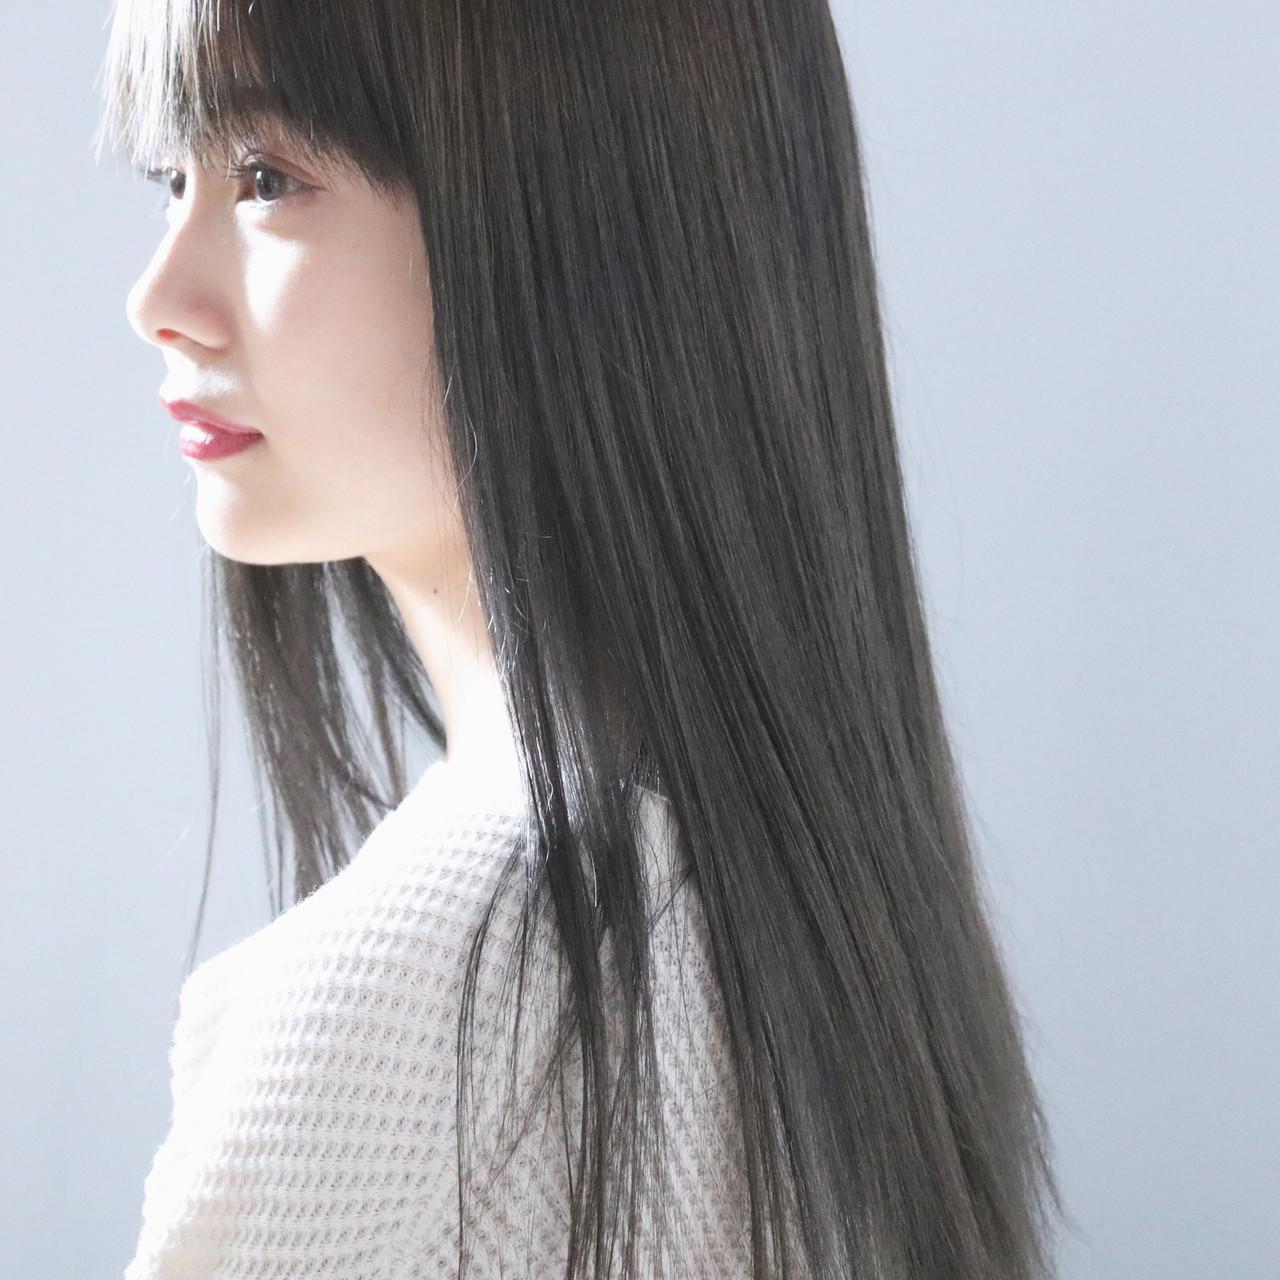 傷んだ髪からうるツヤ髪へ導く♡試して実感してほしいヘアケア方法